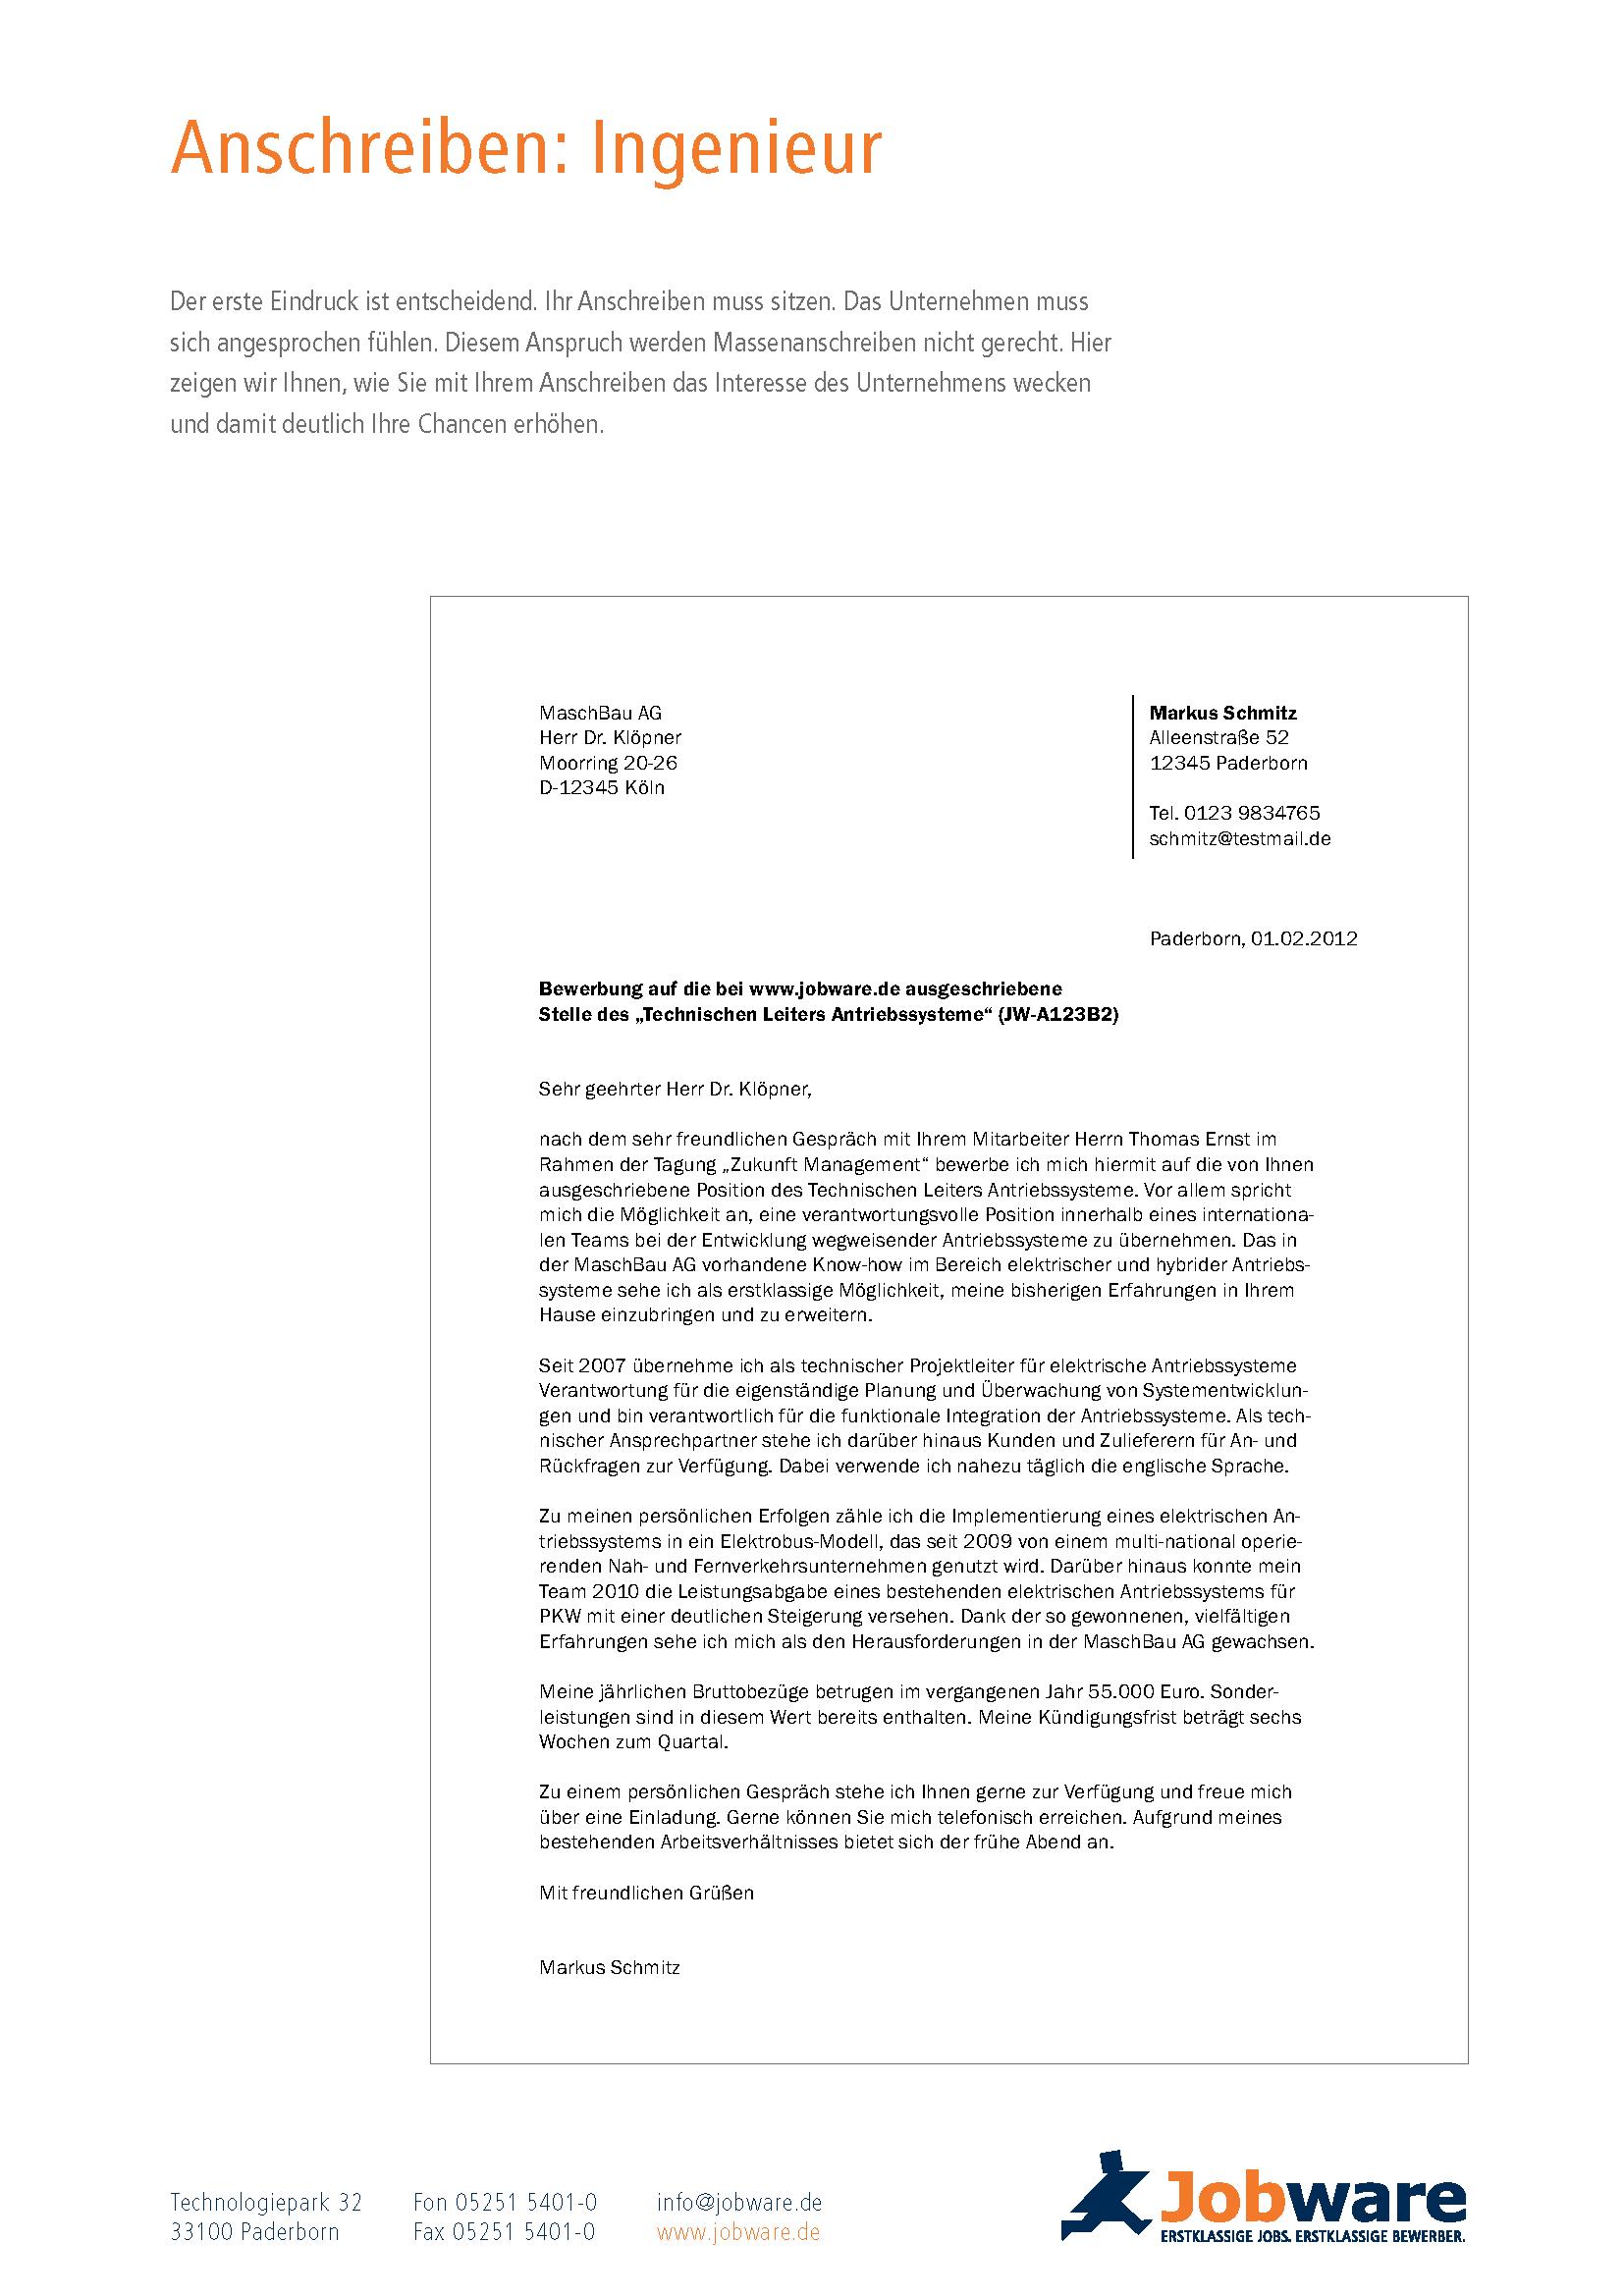 Lebenslauf Muster F C3 Bcr Ausbildung Download Free Document